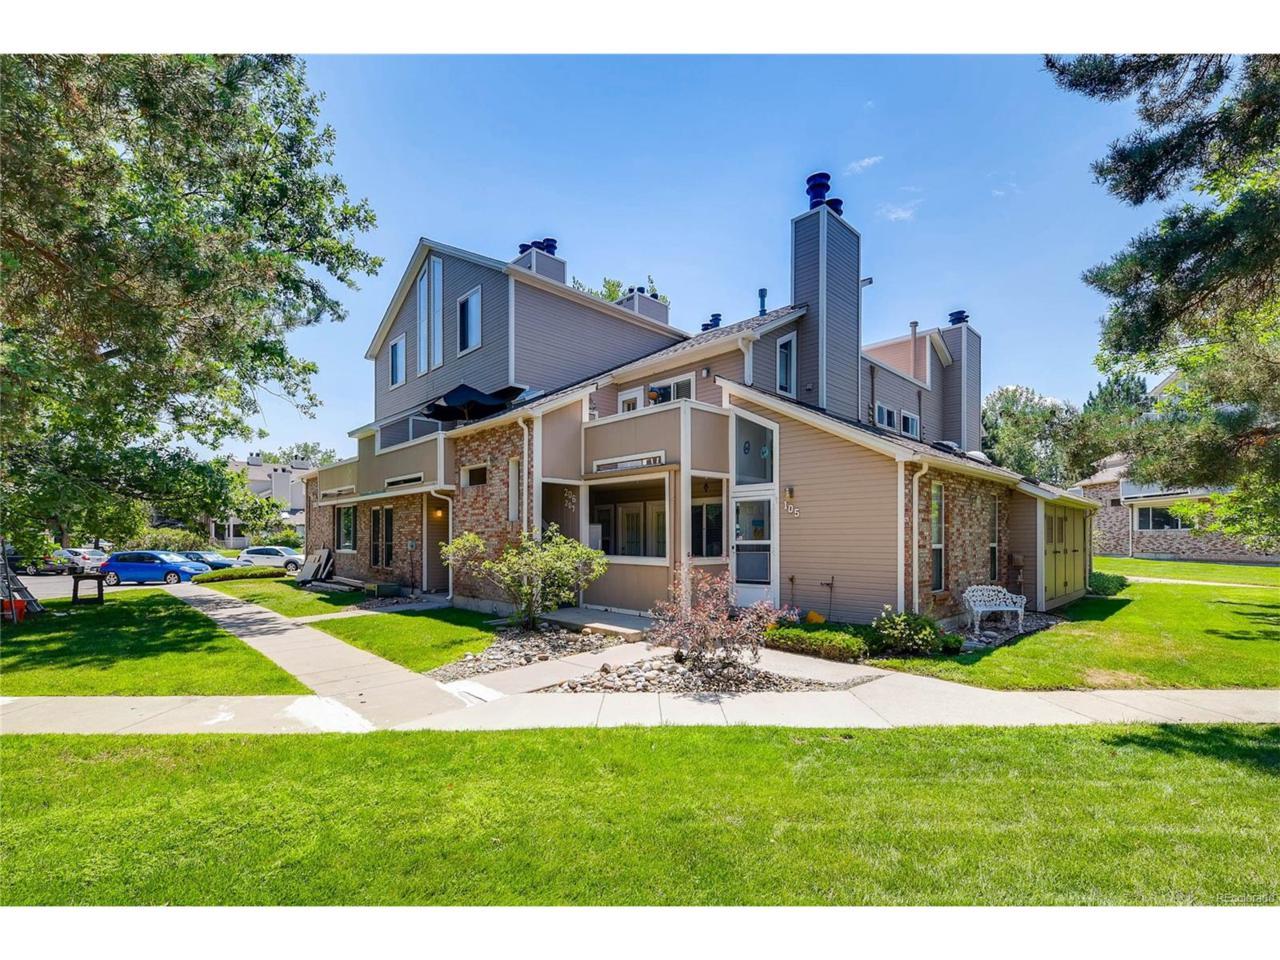 4981 Garrison Street 104B, Wheat Ridge, CO 80033 (MLS #2516858) :: 8z Real Estate